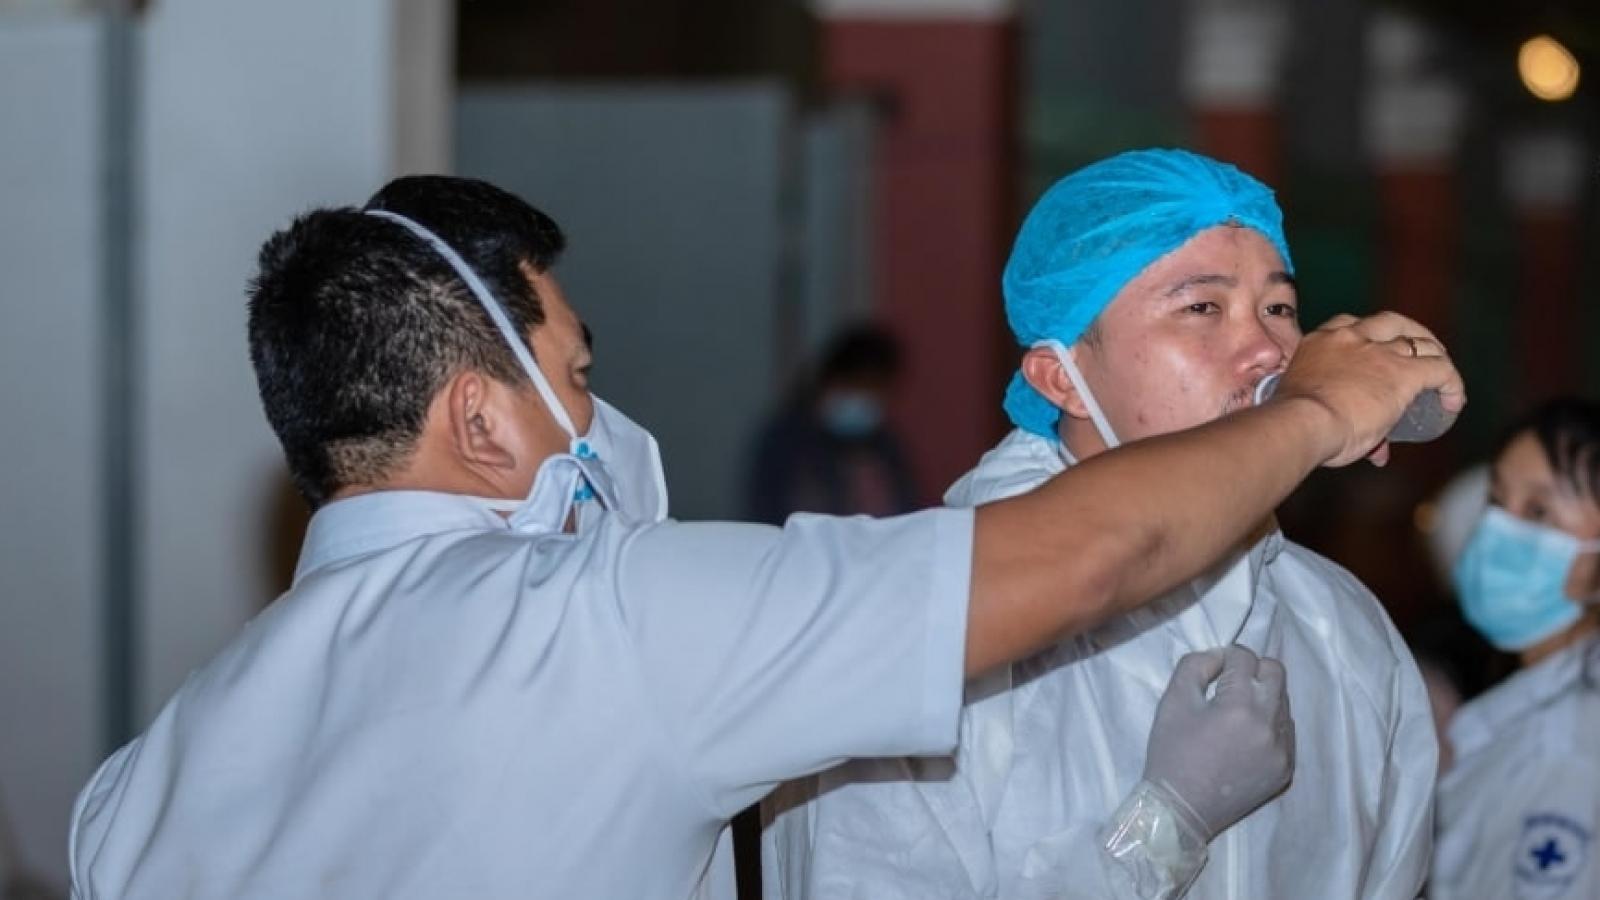 Campuchia lên kế hoạch cho một số bệnh nhân Covid-19 điều trị tại nhà